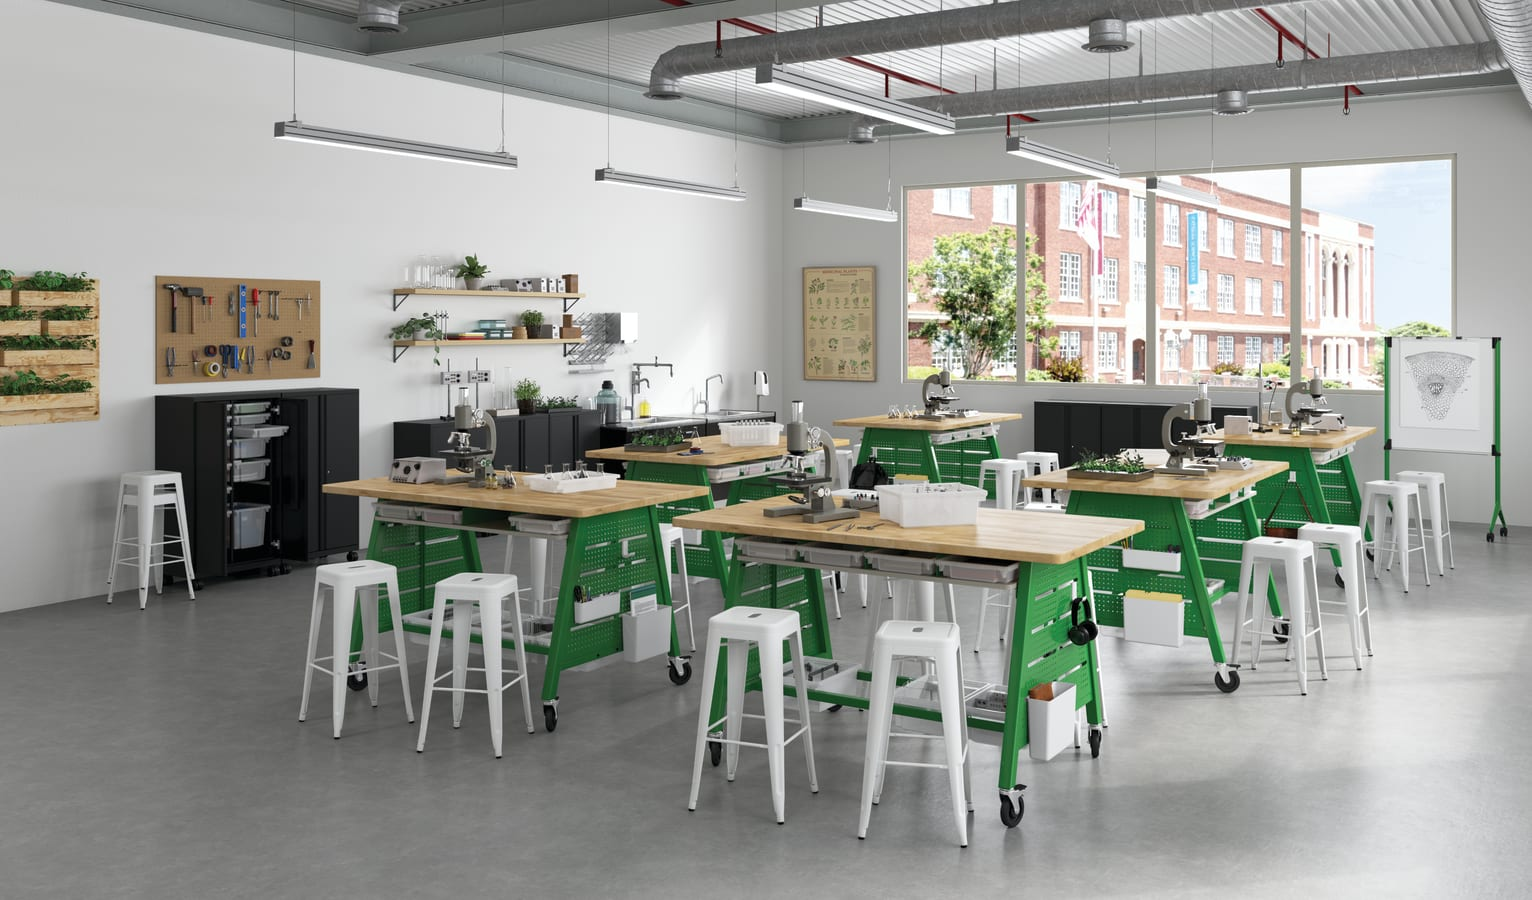 HON/Tables/Build/HON-Build-Smartlink-500-022